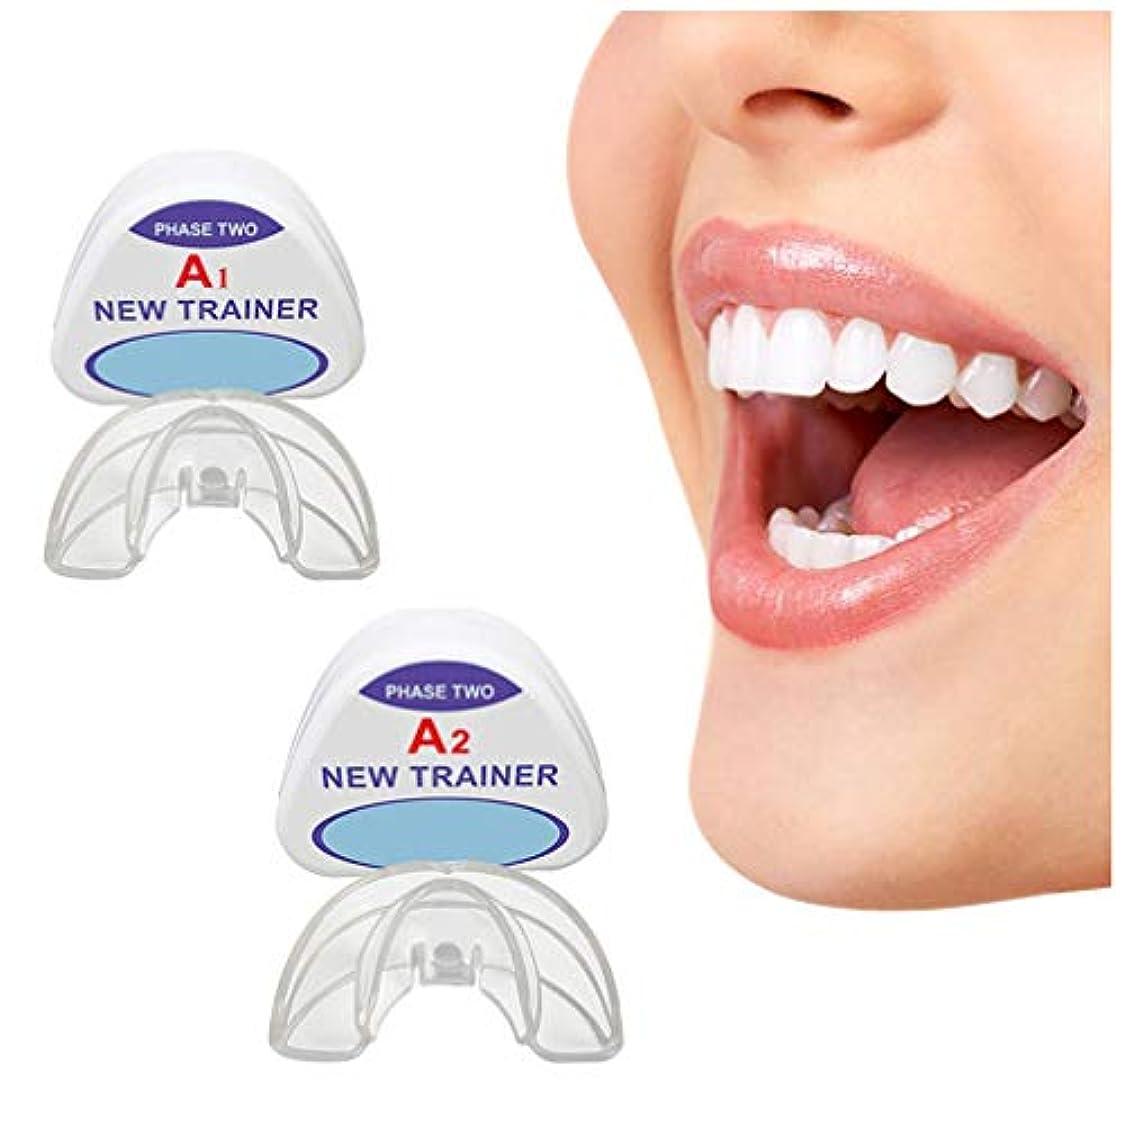 会社遡る印をつける歯アライメントトレーナーリテーナー、歯科矯正トレーナー、ナイトマウスガードスリムグラインドプロテクター、大人のためのトレーナー歯アライメントブレース,A1+A2